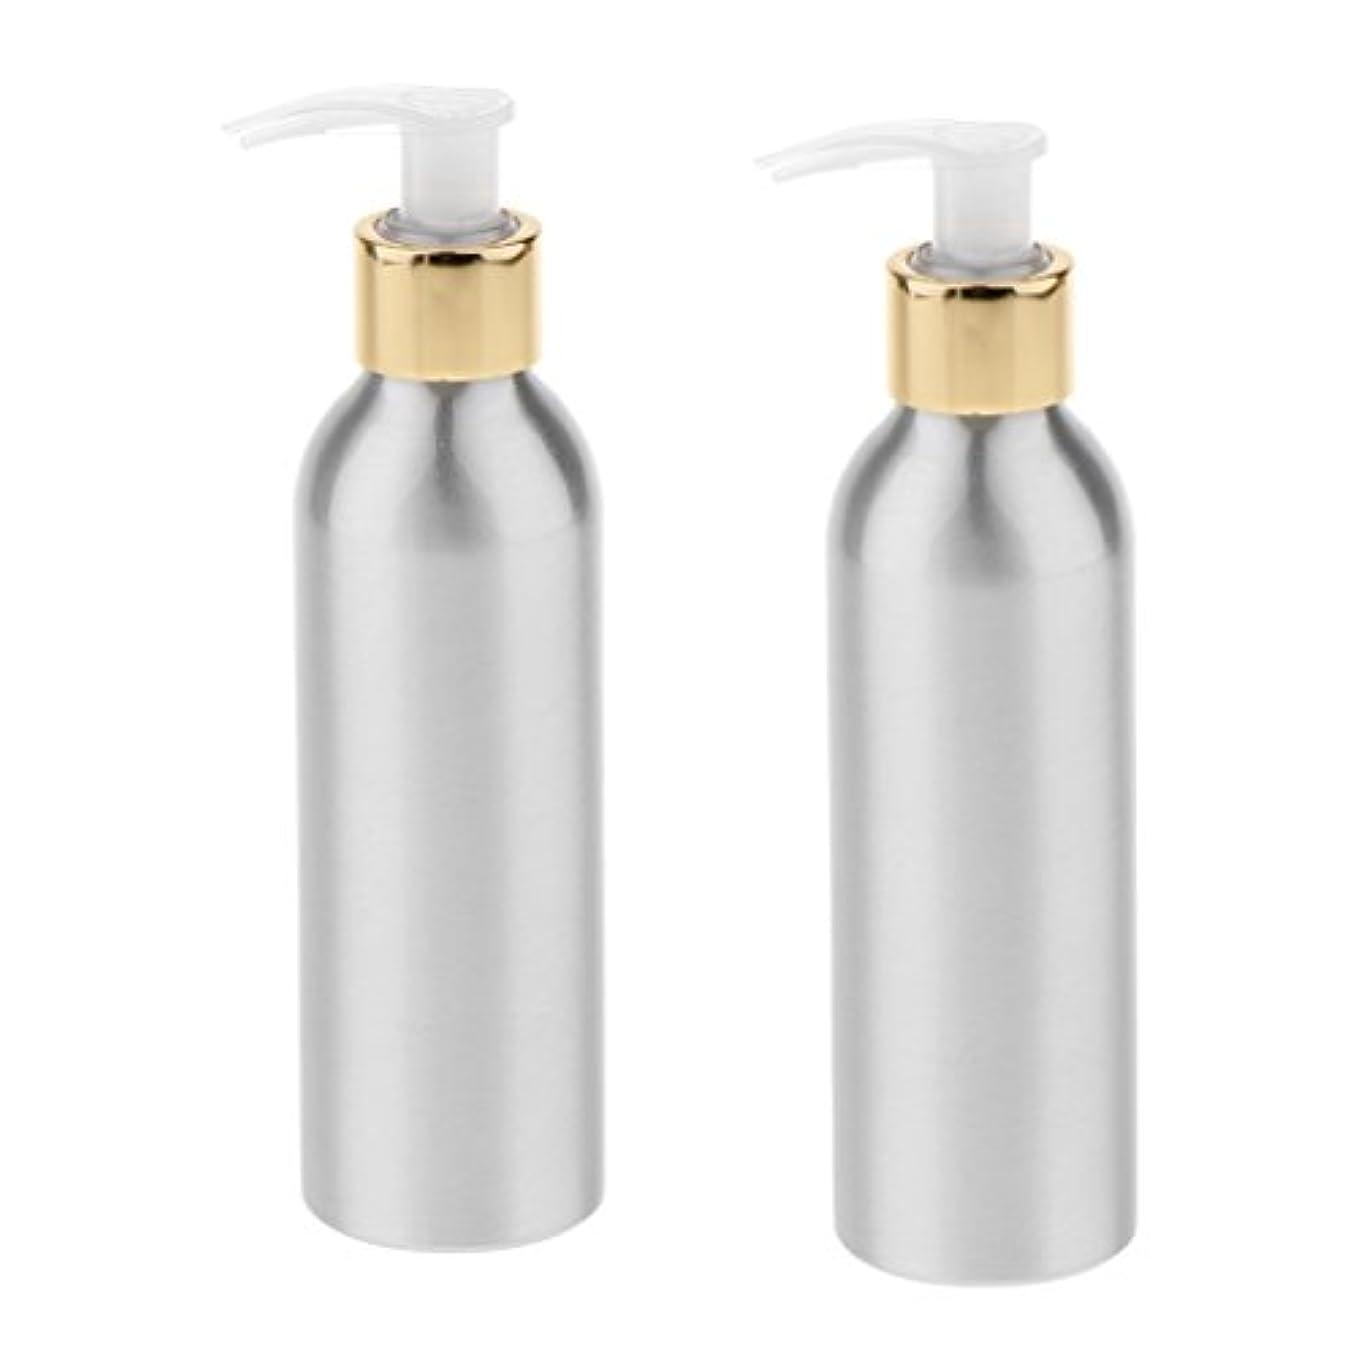 キルト独立してフライカイト2本 スプレーボトル 空ボトル アルミボトル スプレー ポンプボトル 香水ボトル シャンプー 噴霧器 アトマイザー 6サイズ選択 - 150m